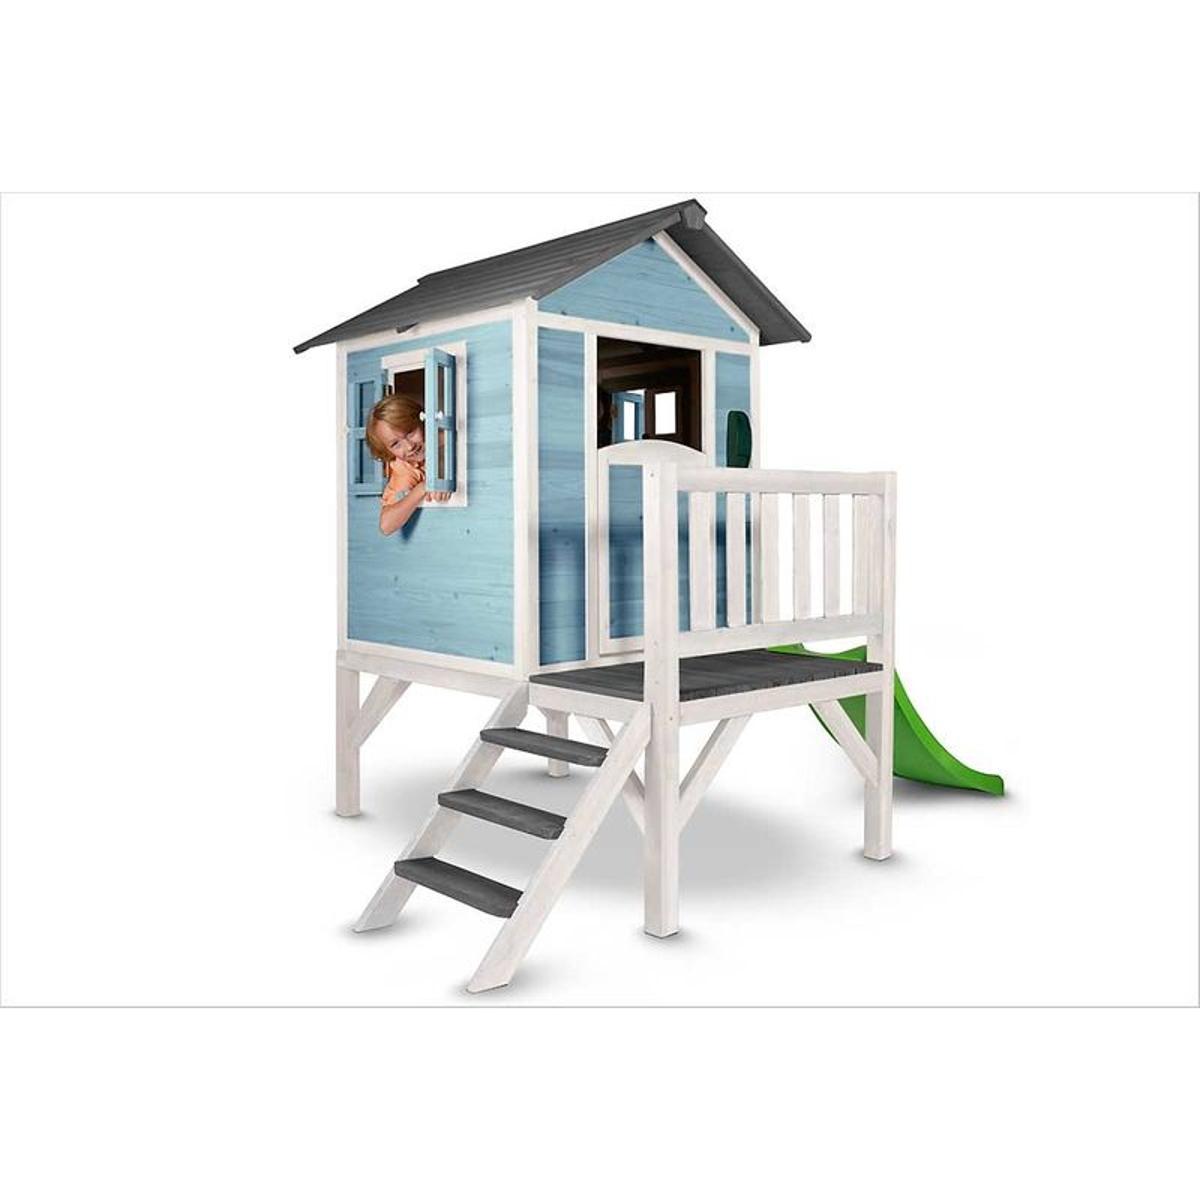 Cabane enfant sur pilotis bleue Lodge XL